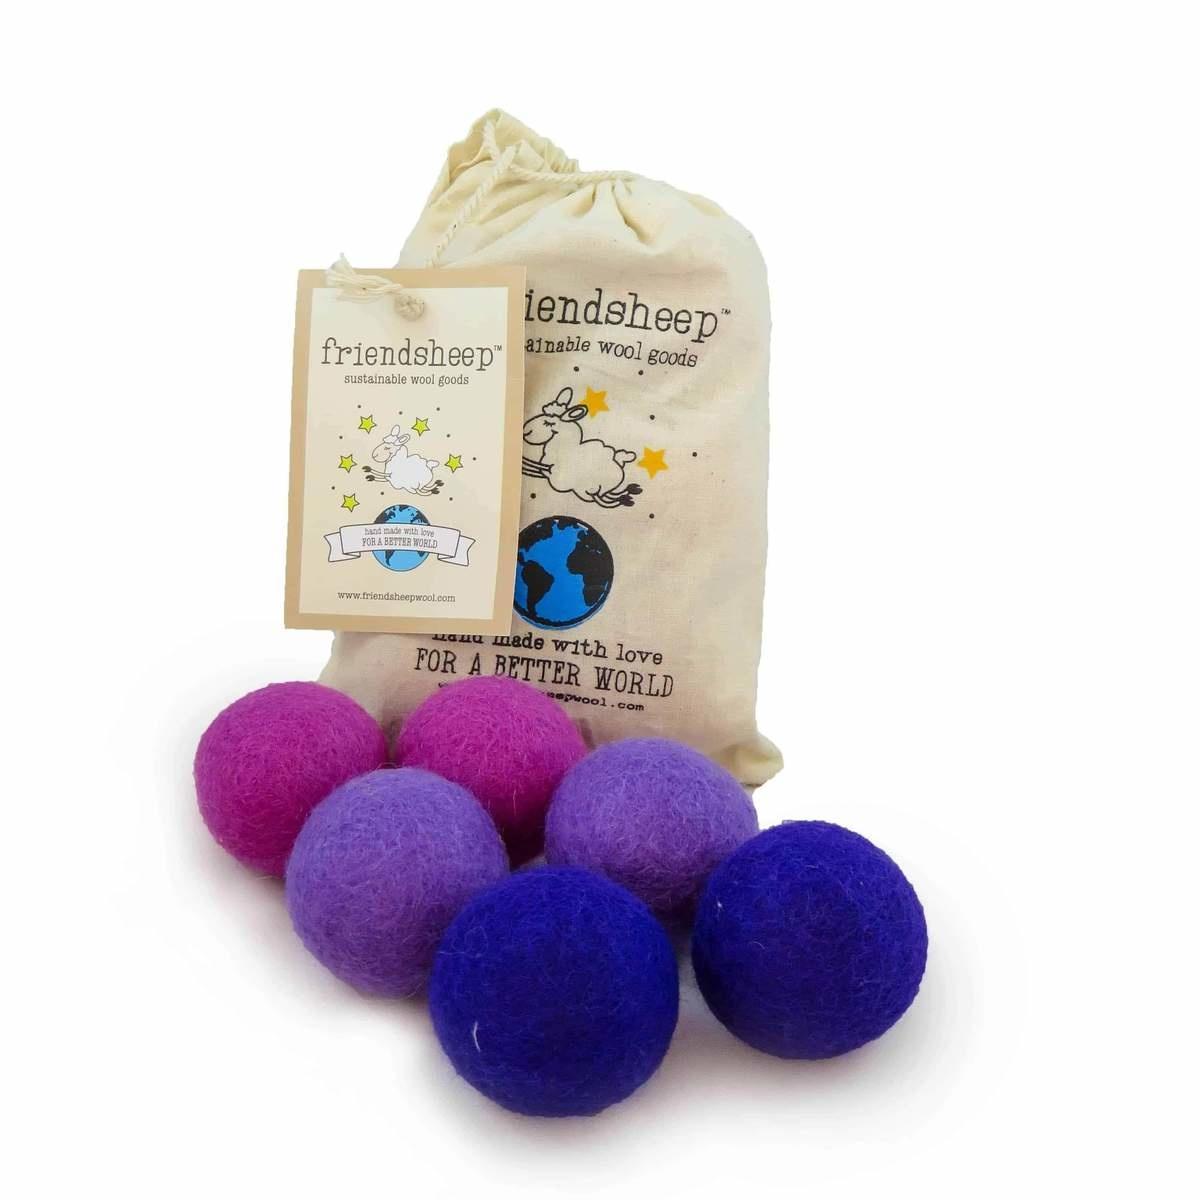 Friendsheep Friendsheep Eco Balls Purple Rain 6 pack